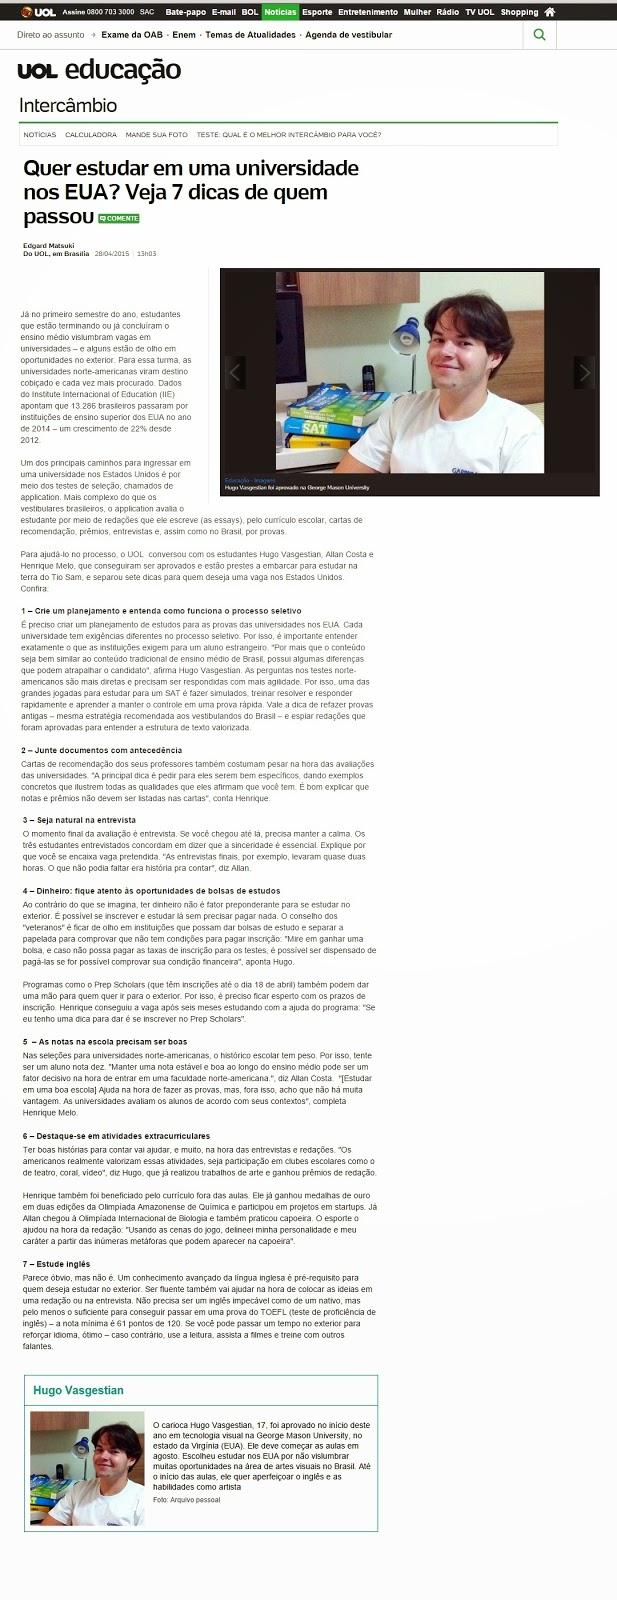 http://educacao.uol.com.br/noticias/2015/04/28/quer-estudar-em-uma-universidade-nos-eua-veja-7-dicas-de-quem-passou.htm